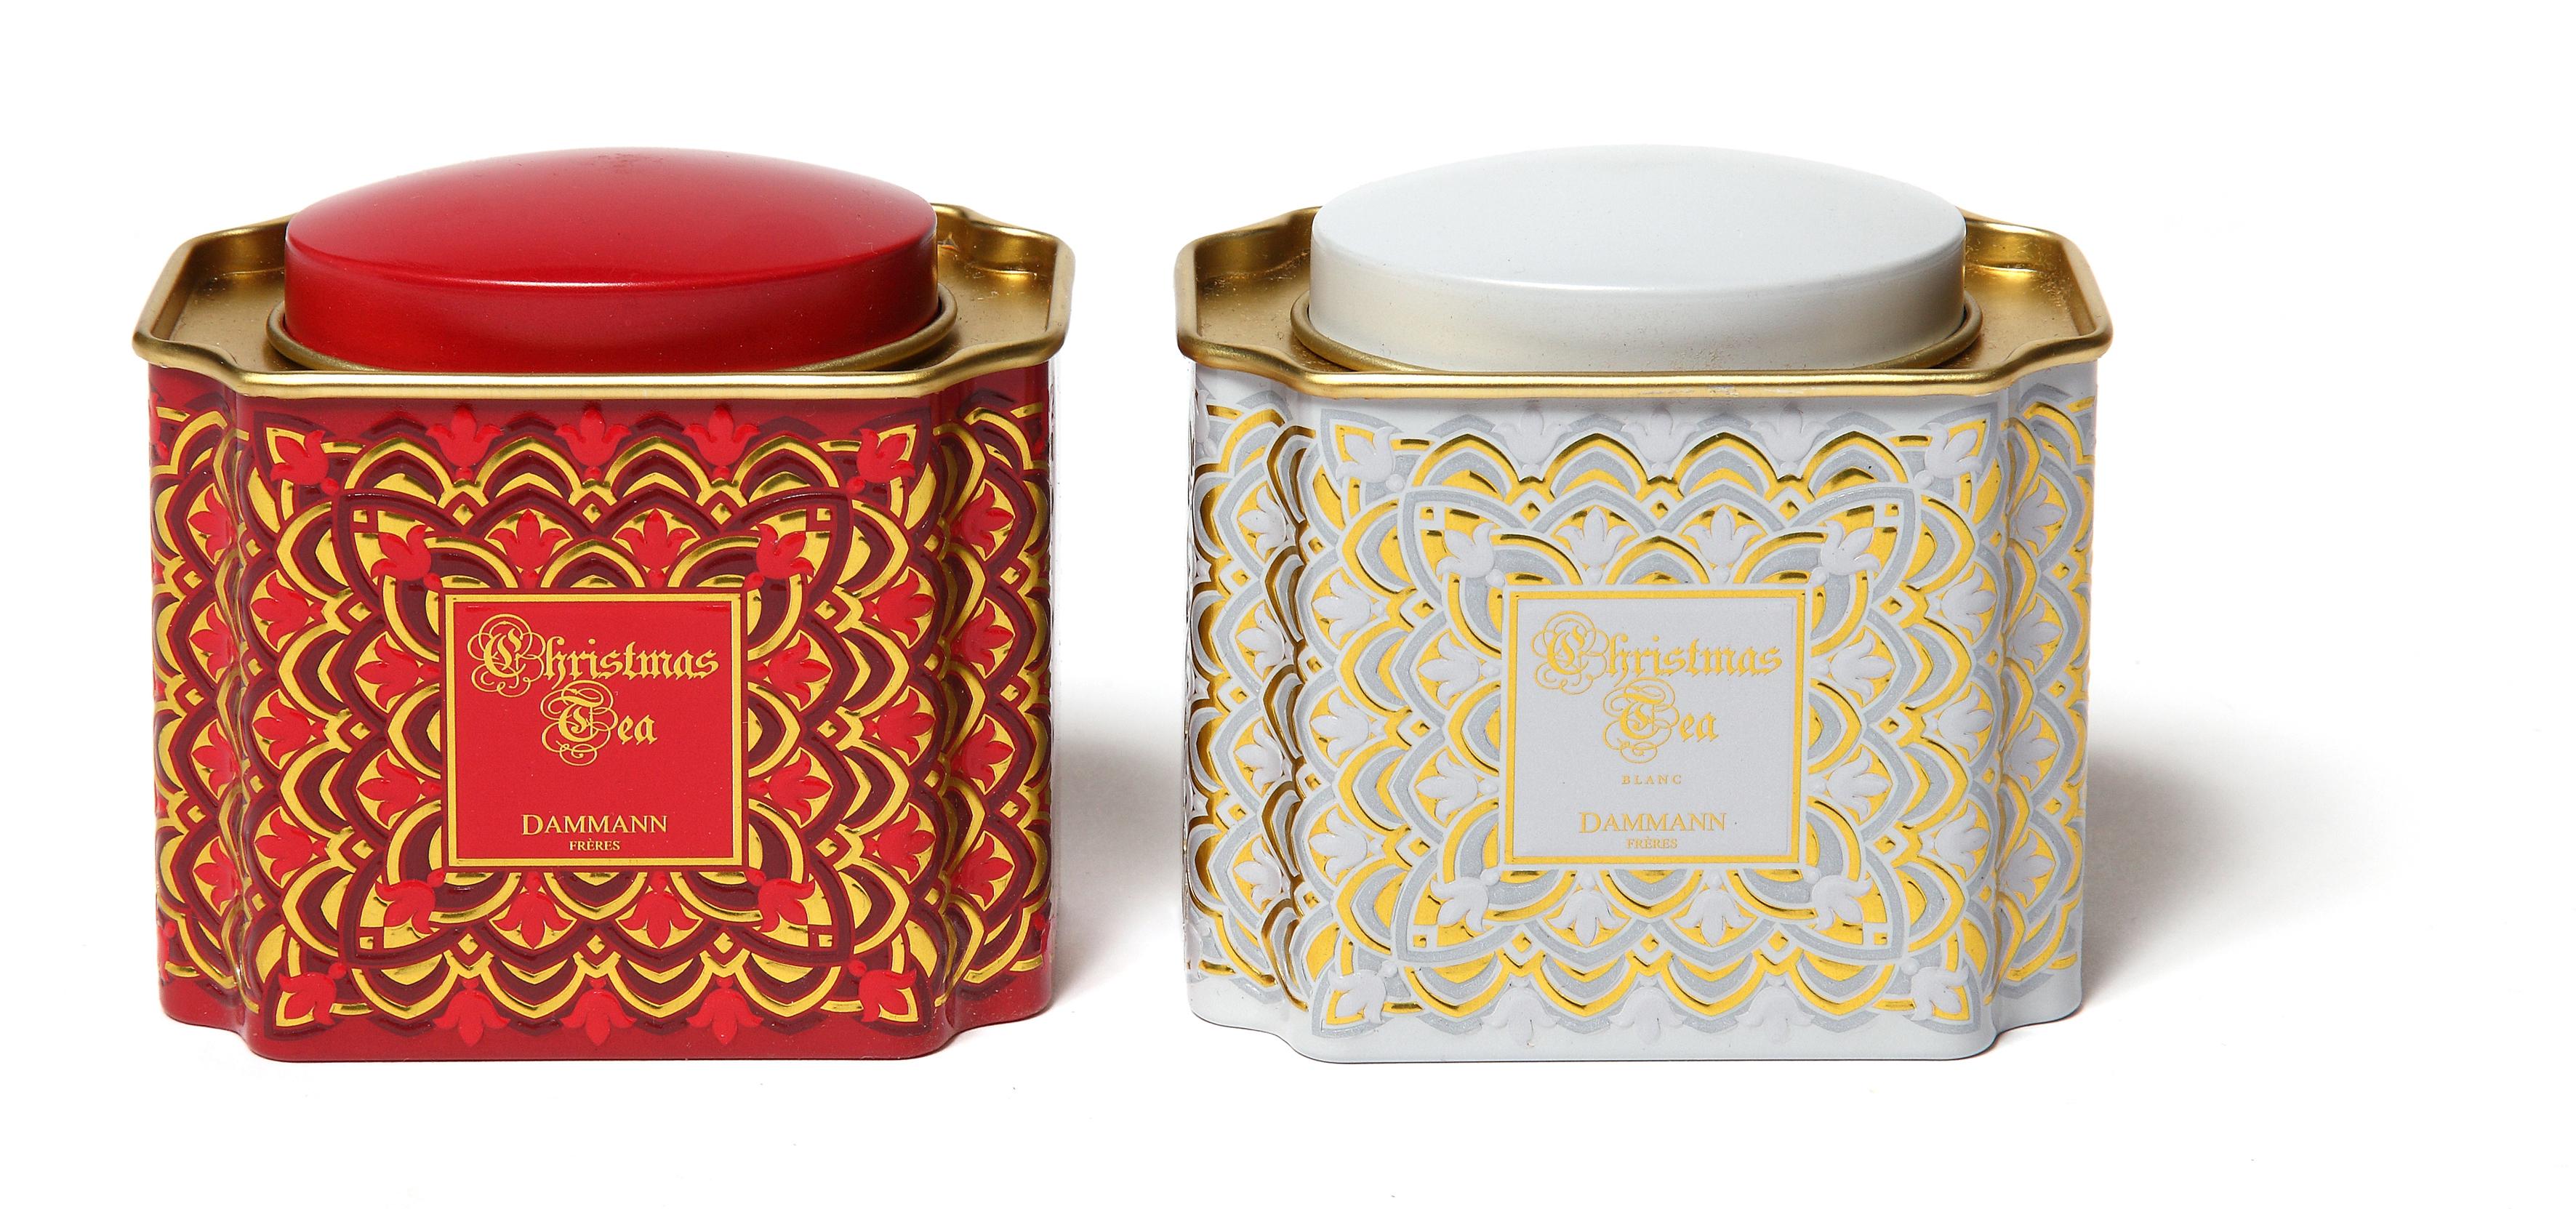 Mariage frères  Thé blanc, thé vert, thé rouge (roobois), thé noir esprit  de Noël aux « épices douces de Noël », écorces d\u0027orange et morceaux de  vanille